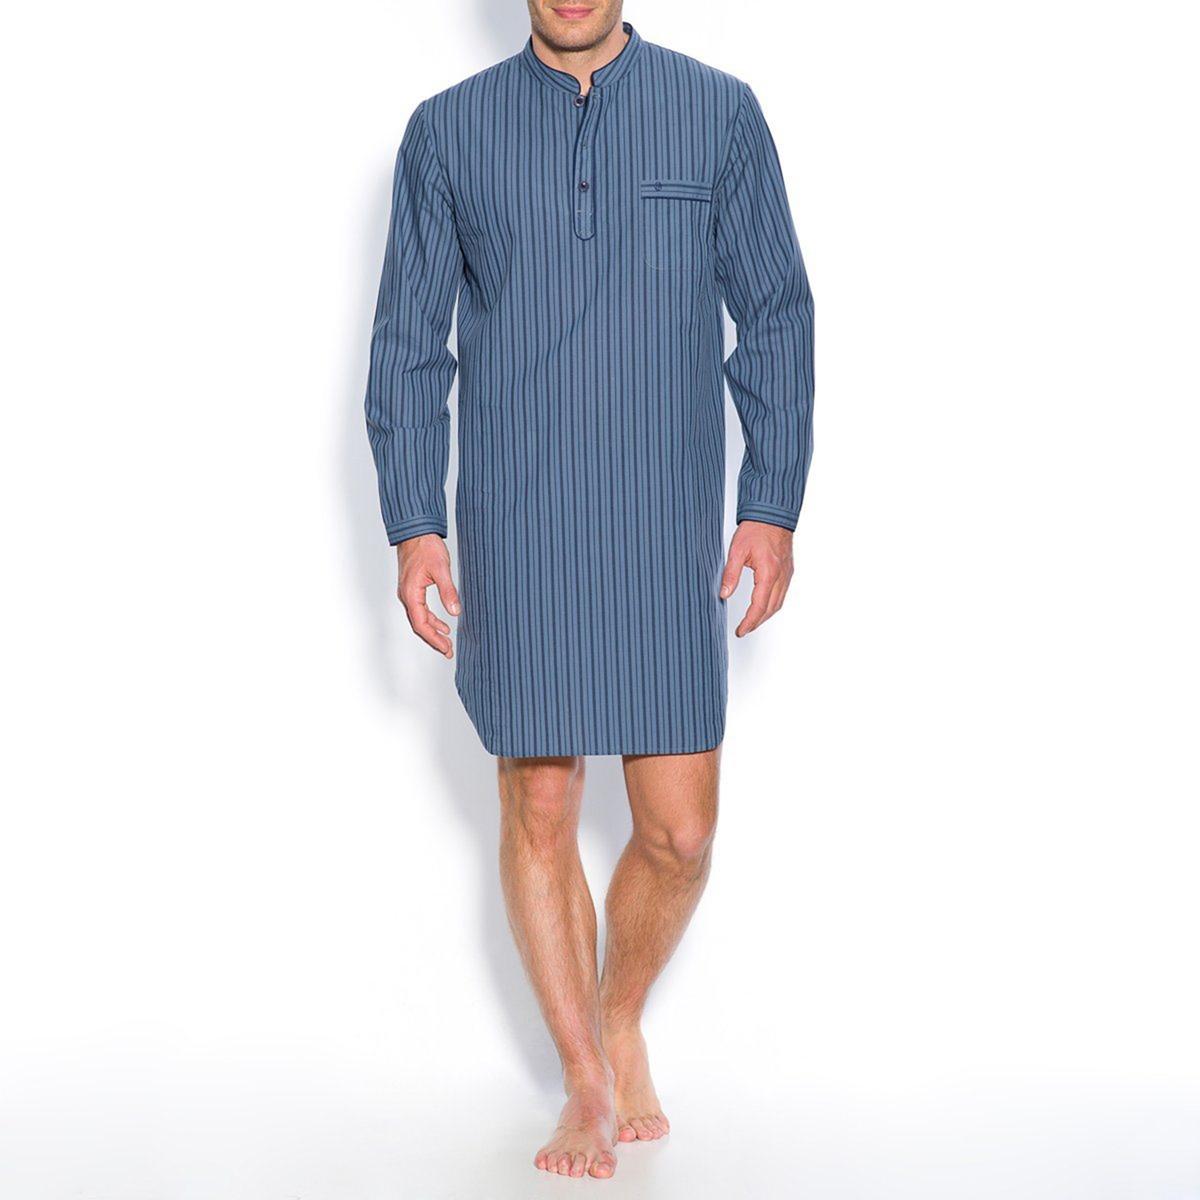 Пижама-рубашка в полоску из поплинаПижама-рубашка в полоску из поплина, 100% хлопок с окрашенными волокнами. Длинные рукава. Воротник-стойка с застежкой на 3 пуговицы. 1 нагрудный карман с вышивкой. Длина 100 см.<br><br>Цвет: синий в полоску,шамбрэ<br>Размер: M.XL.XL.S.3XL